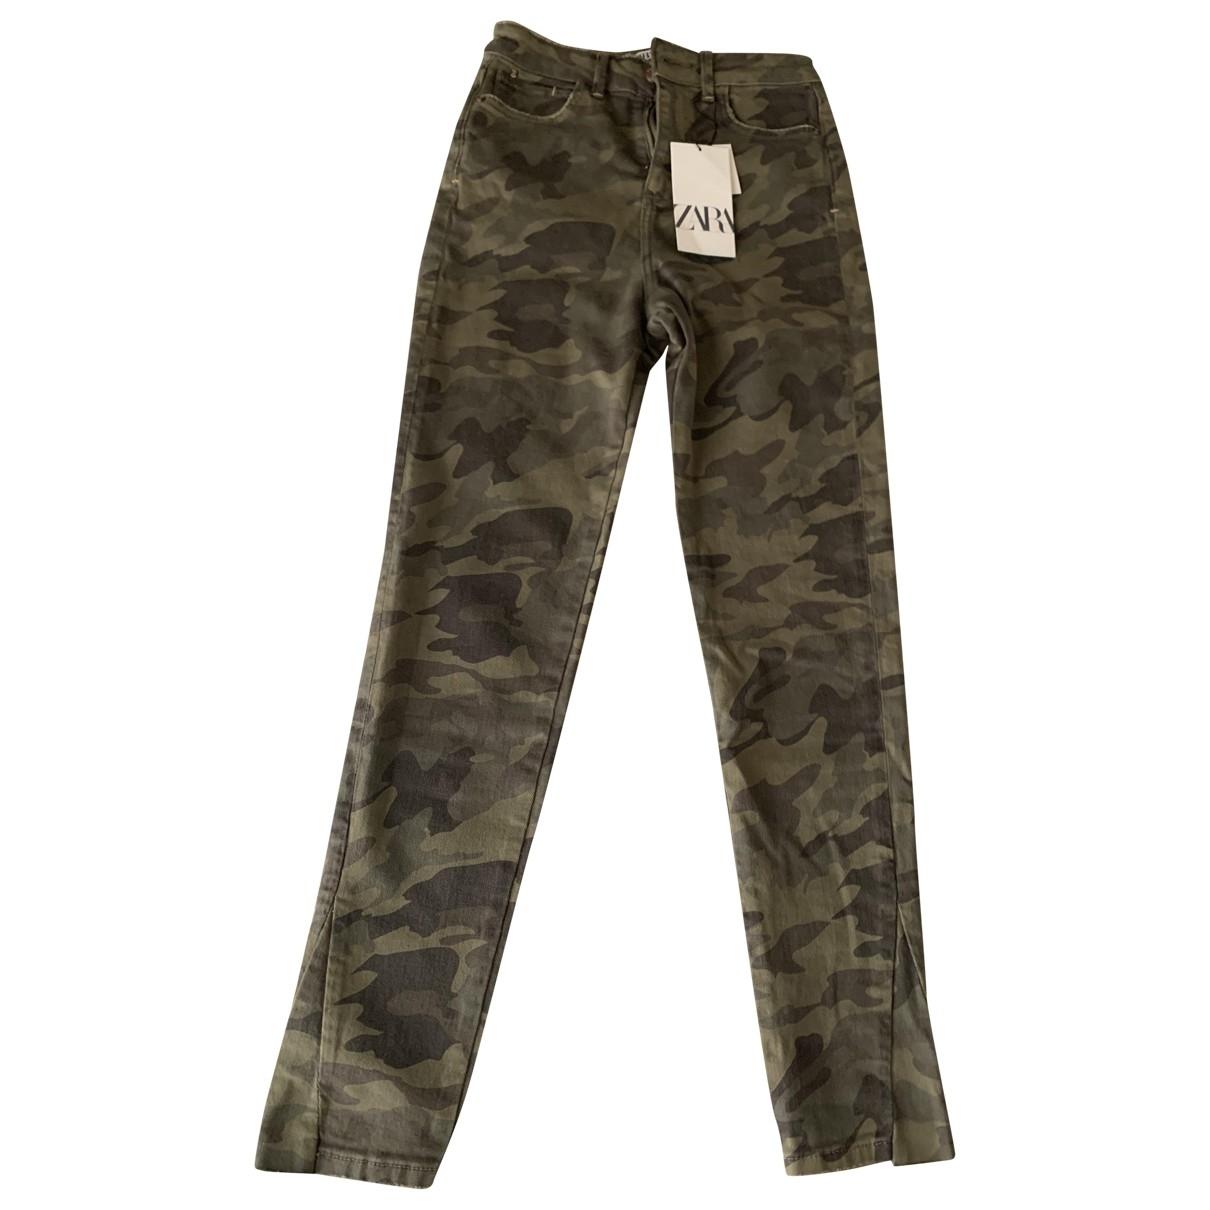 Zara \N Denim - Jeans Trousers for Women 40 IT